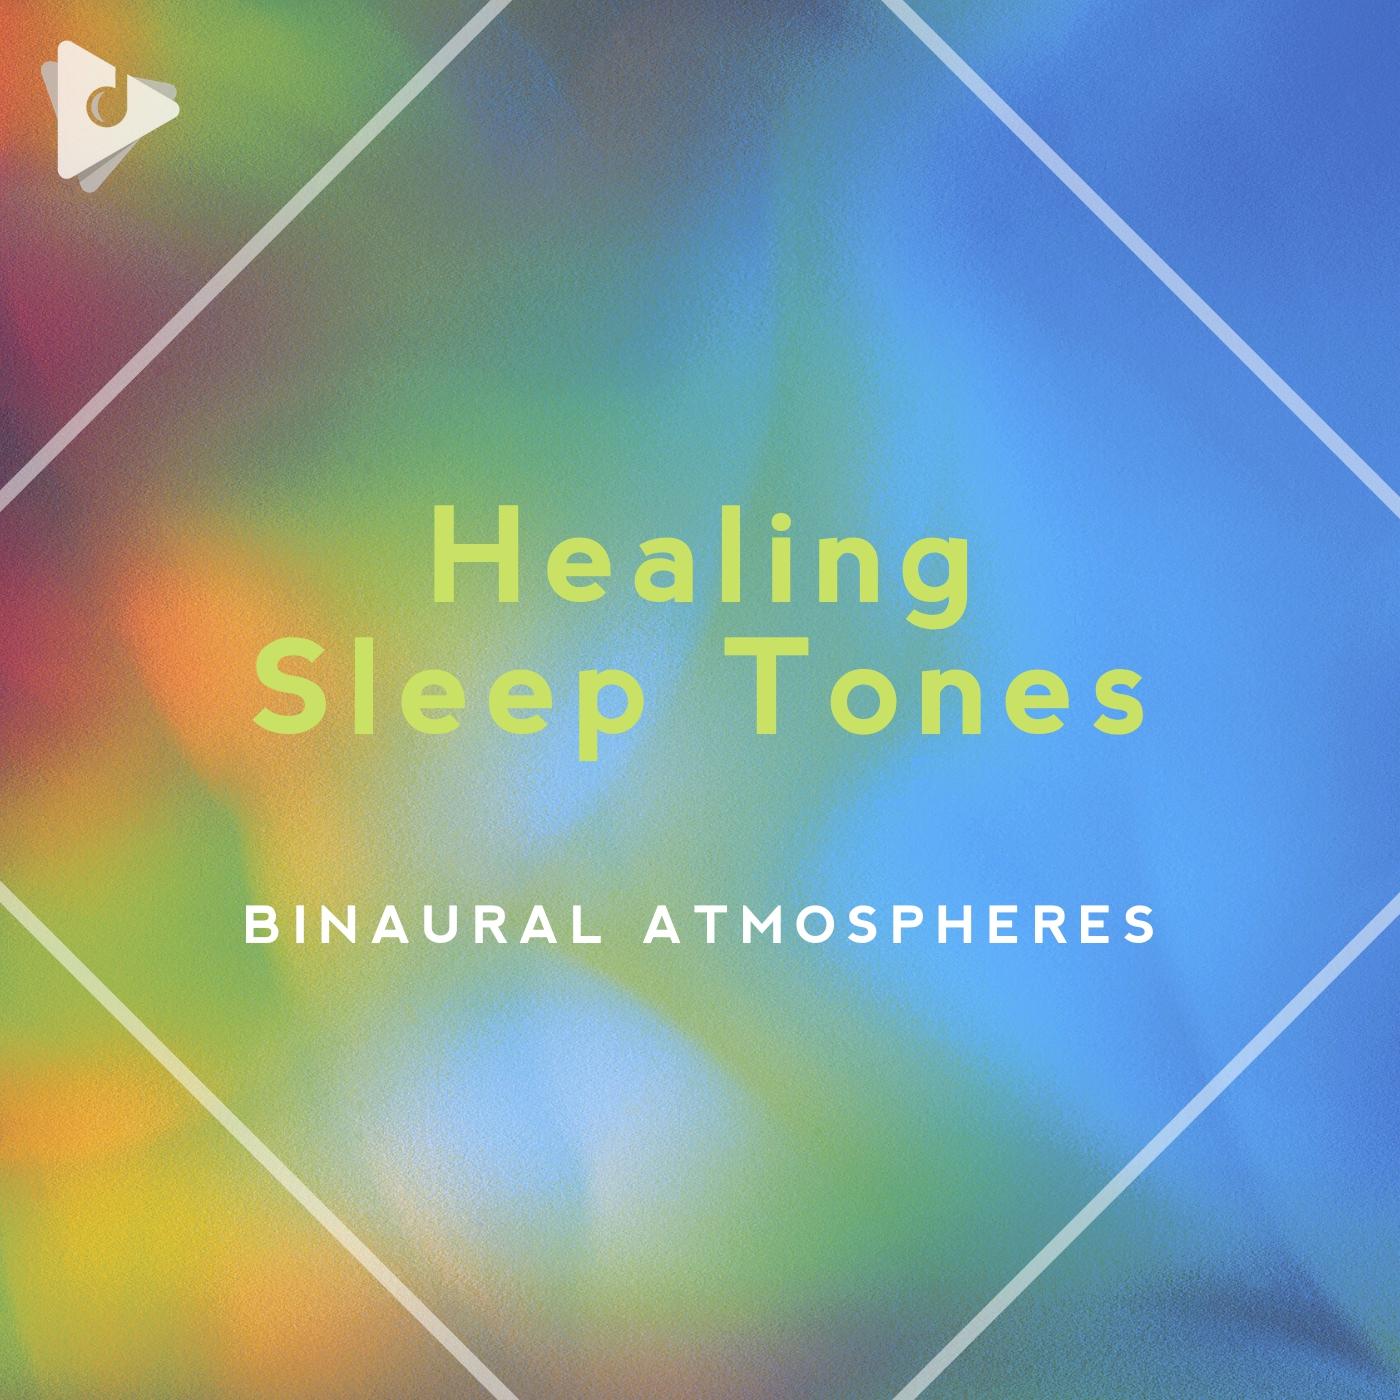 Healing Sleep Tones